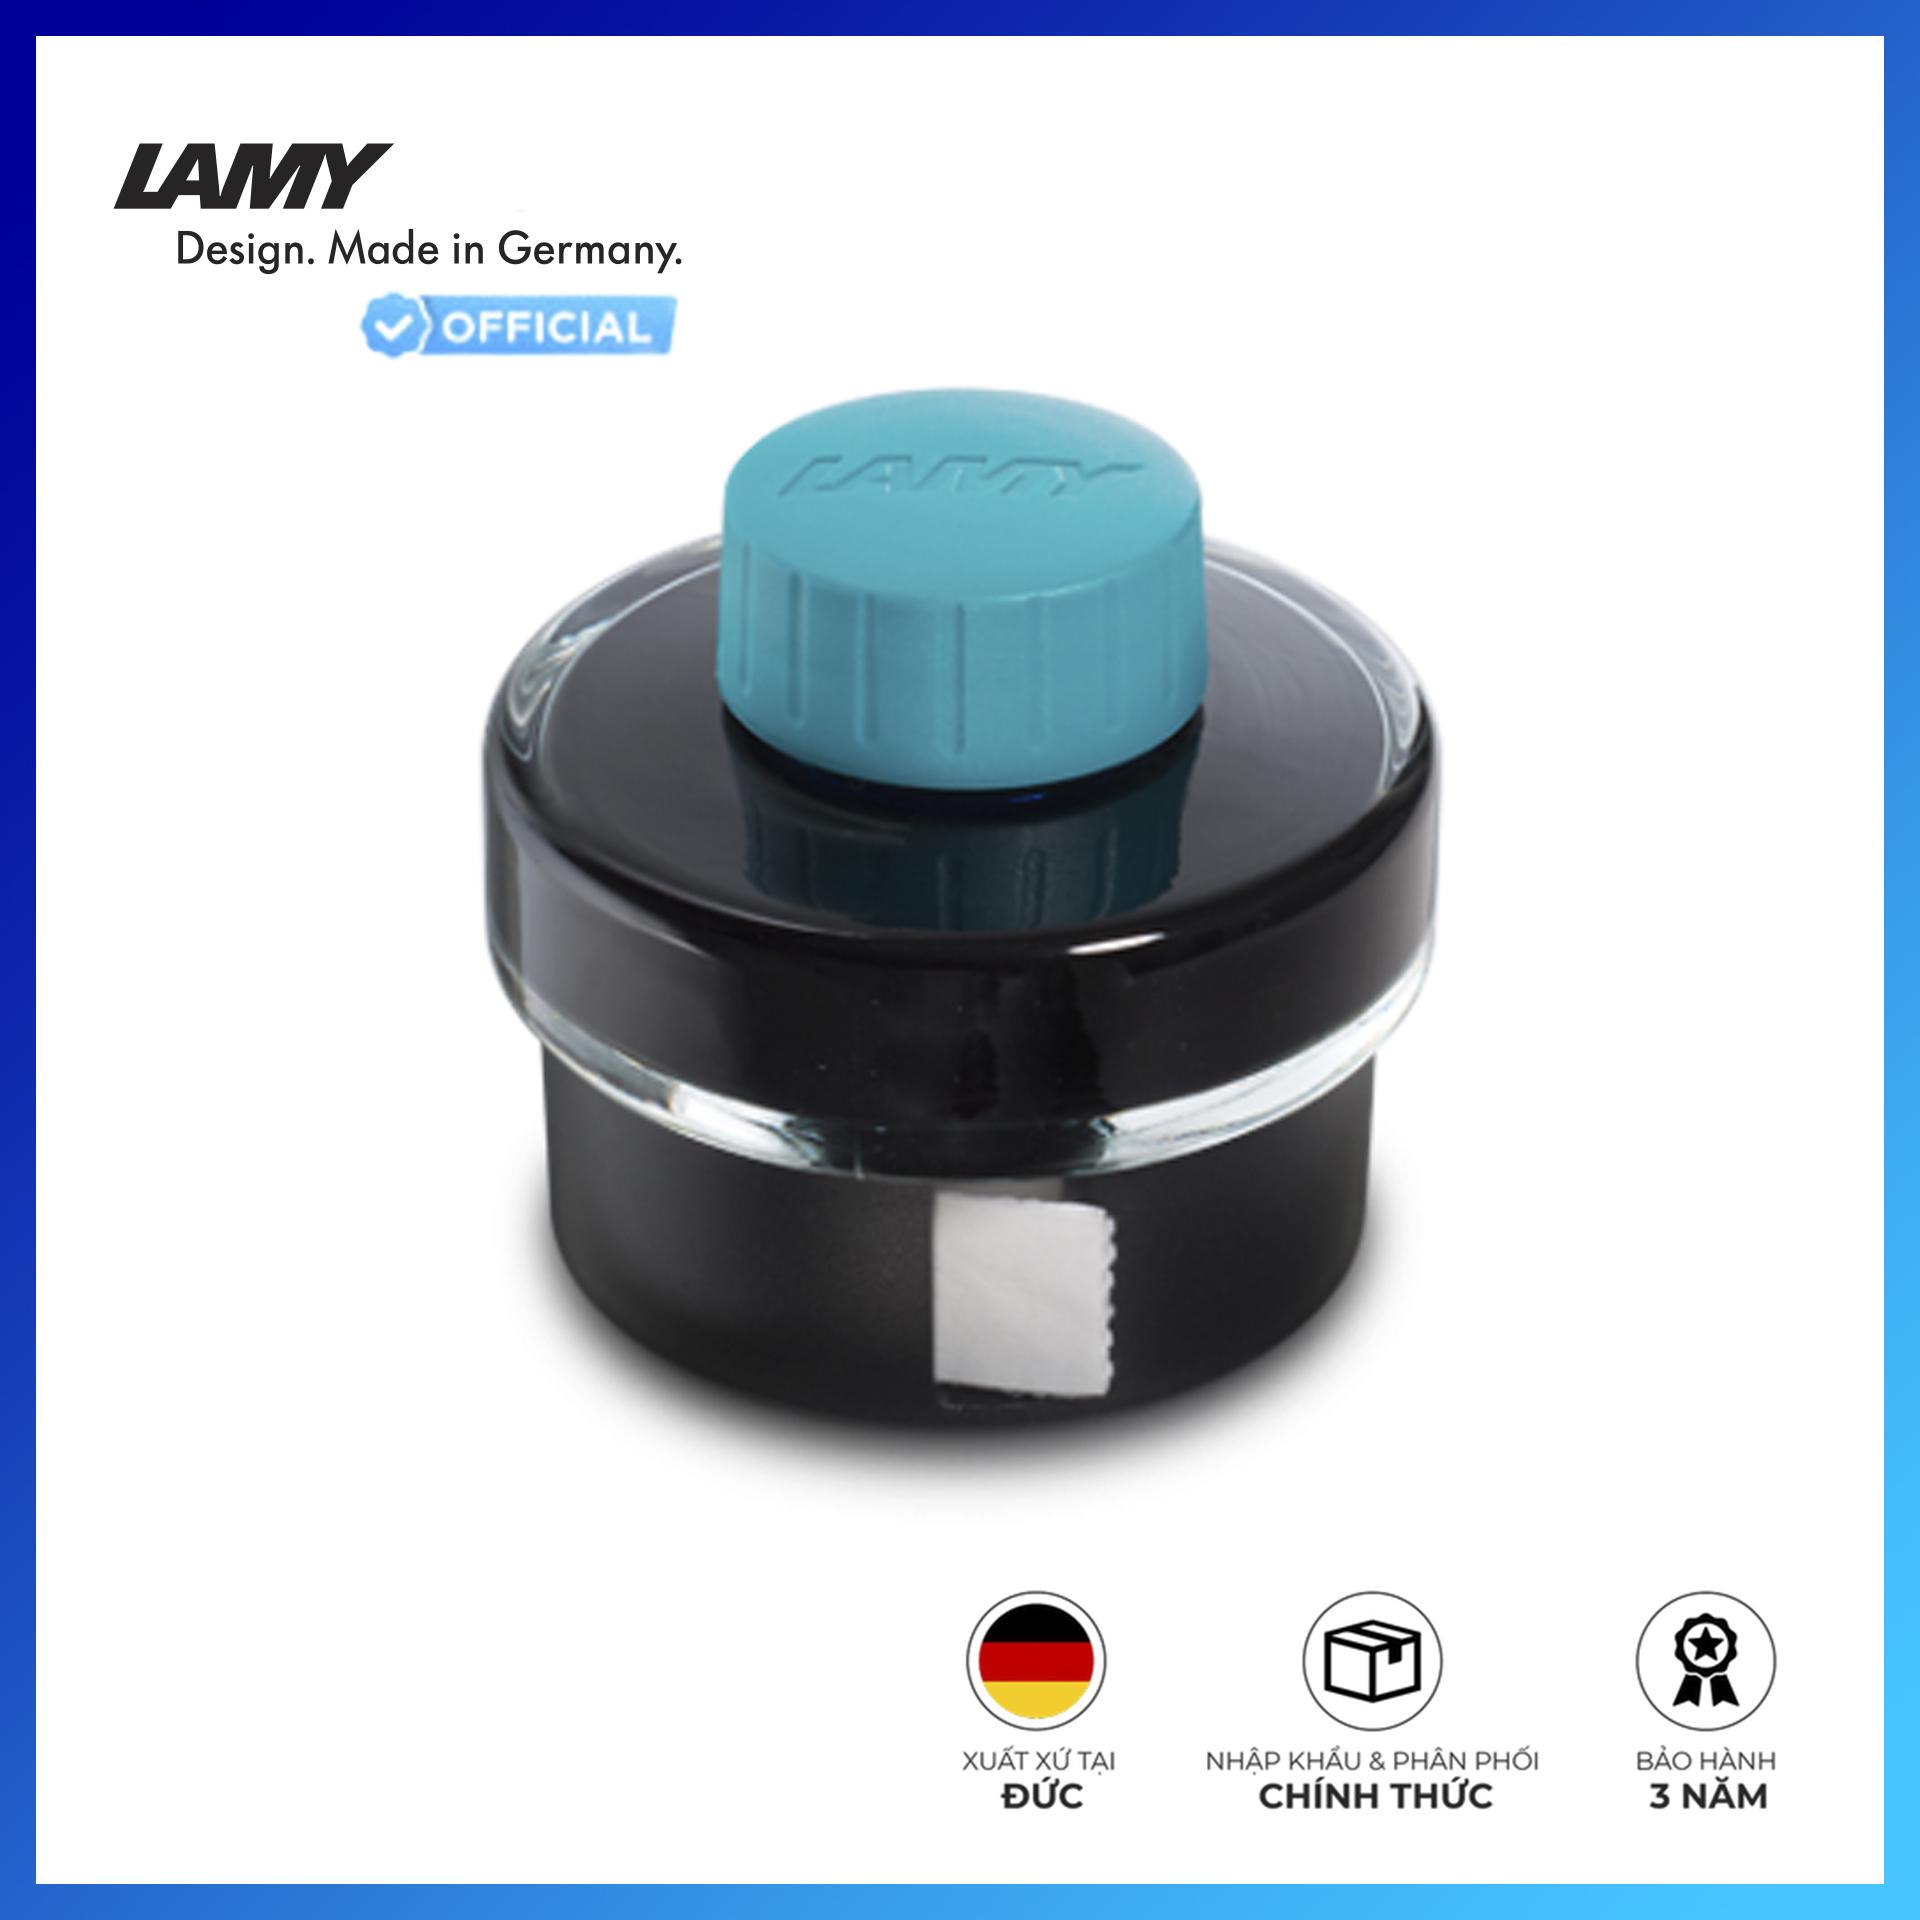 Bình mực Lamy T52 Turquoise - Xanh ngọc